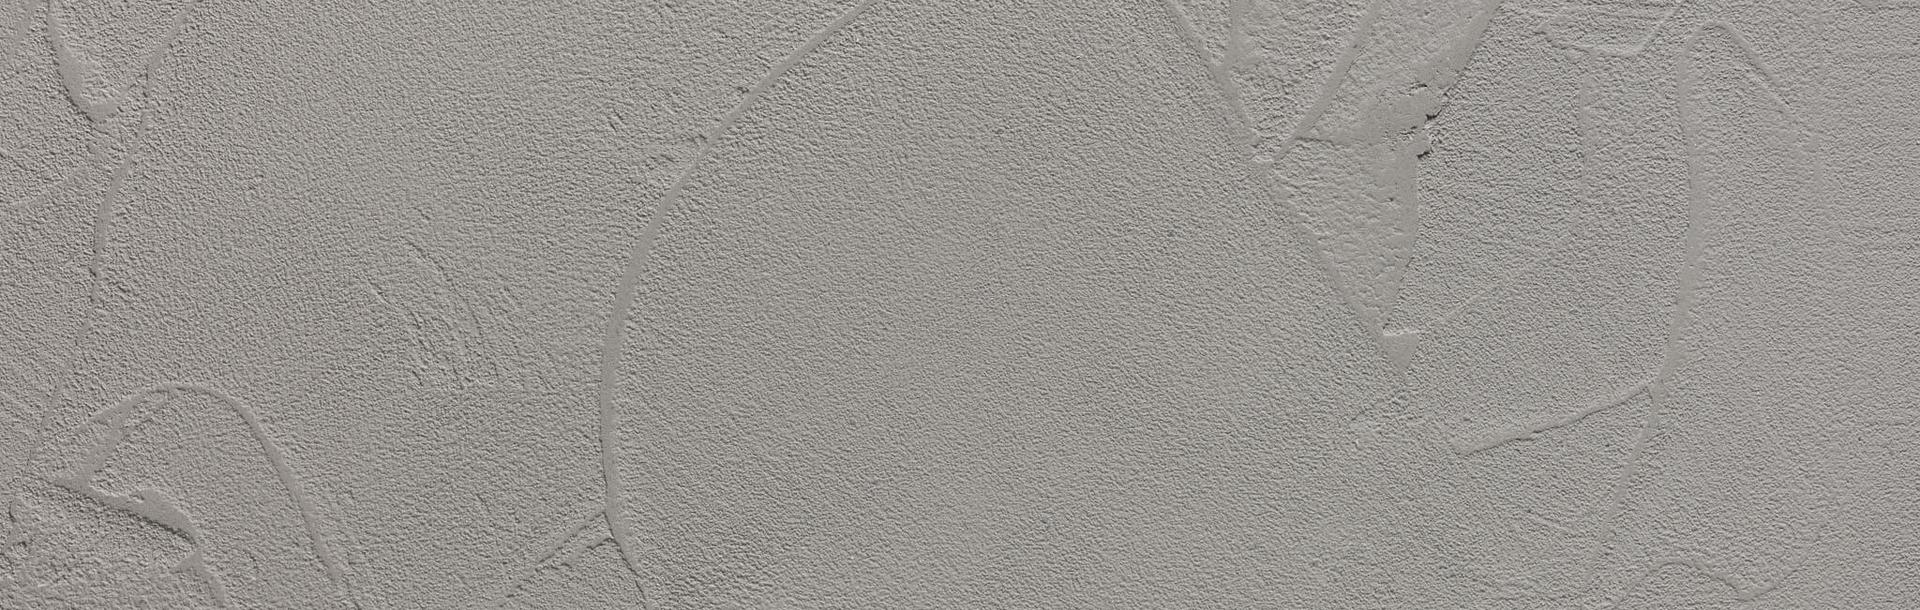 Pittura Resistente Ai Graffi effetto cemento: passo per passo - adler vernici